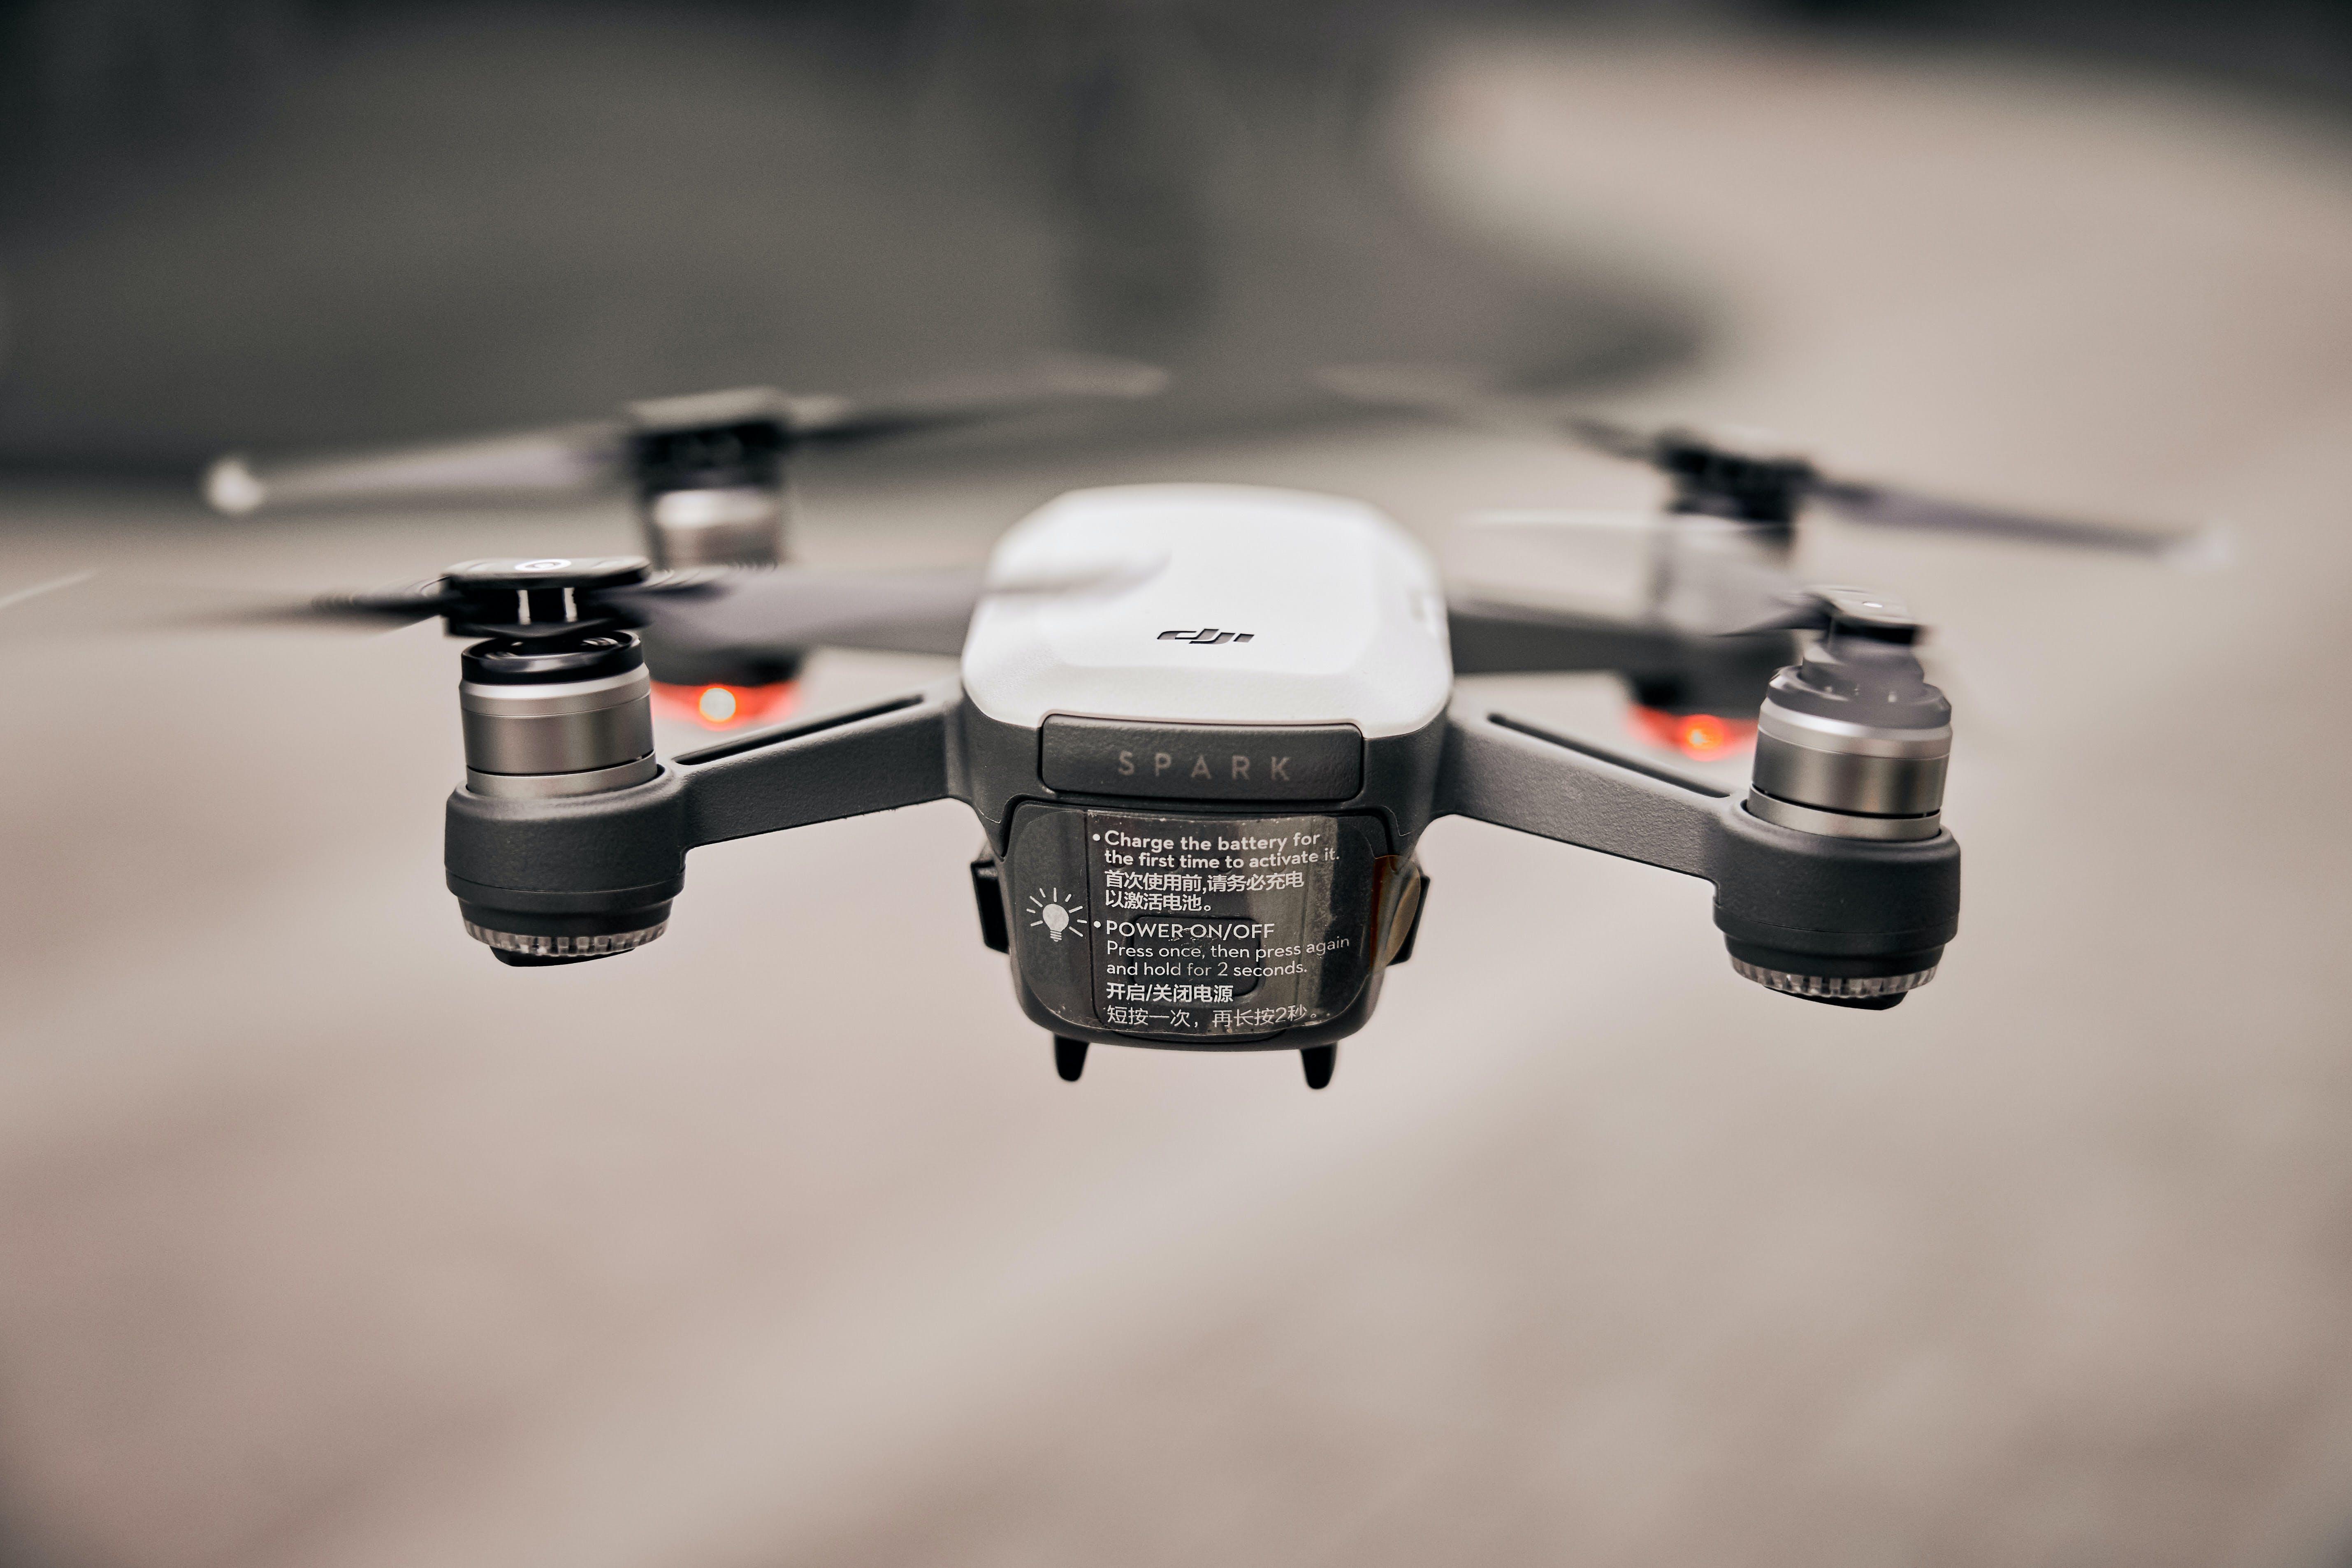 Flying White Drone Tilt Shift Lens Photography